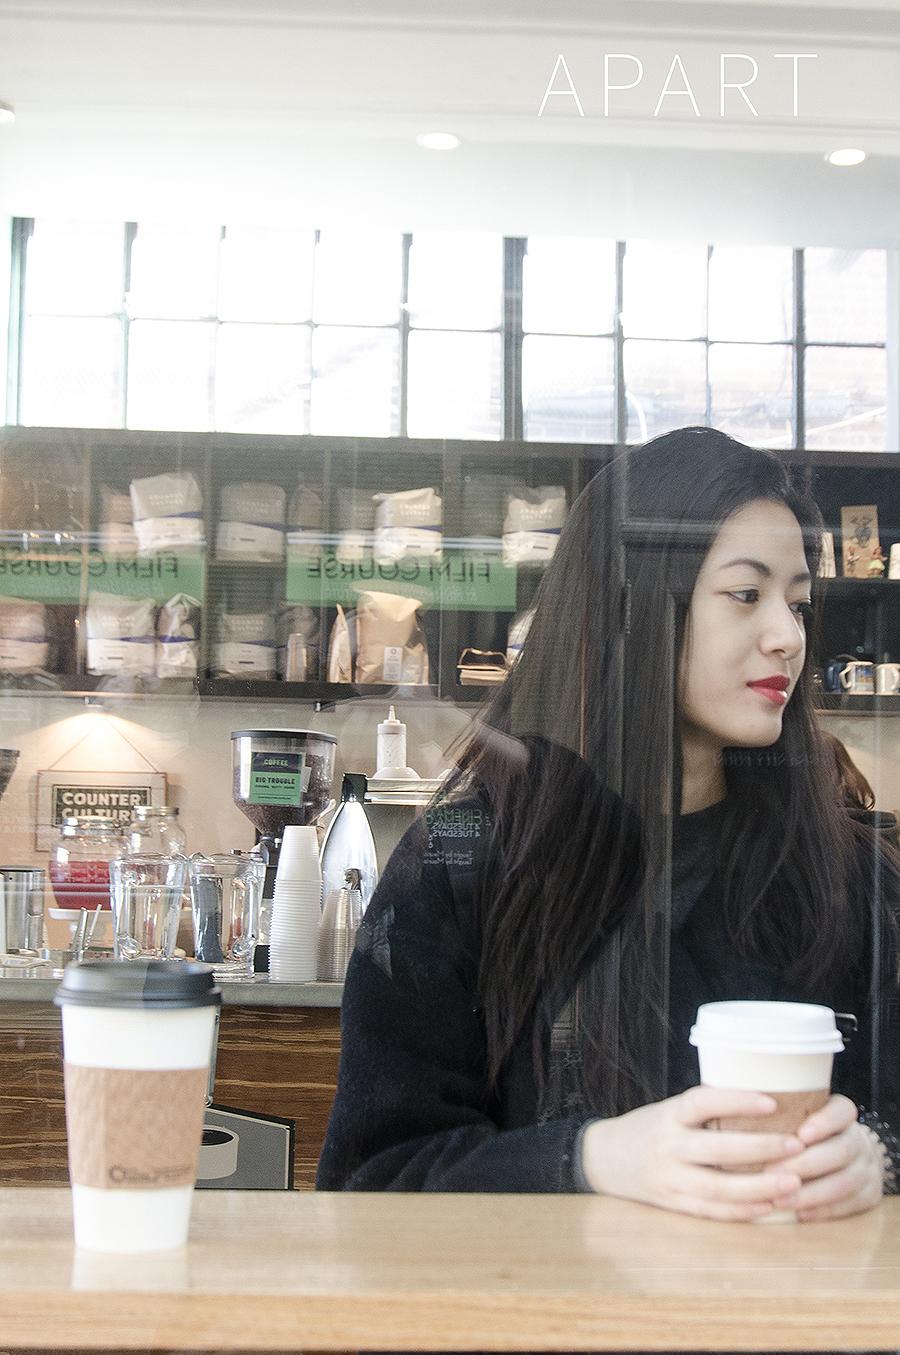 JINGWEN_FELIX_QIANG_APART_PHOTOGRAPHY_FASHION_ADVERTISEMENT_YOUNG_WOMEN_MINIMALISM_URBAN_asian_market_overcoat